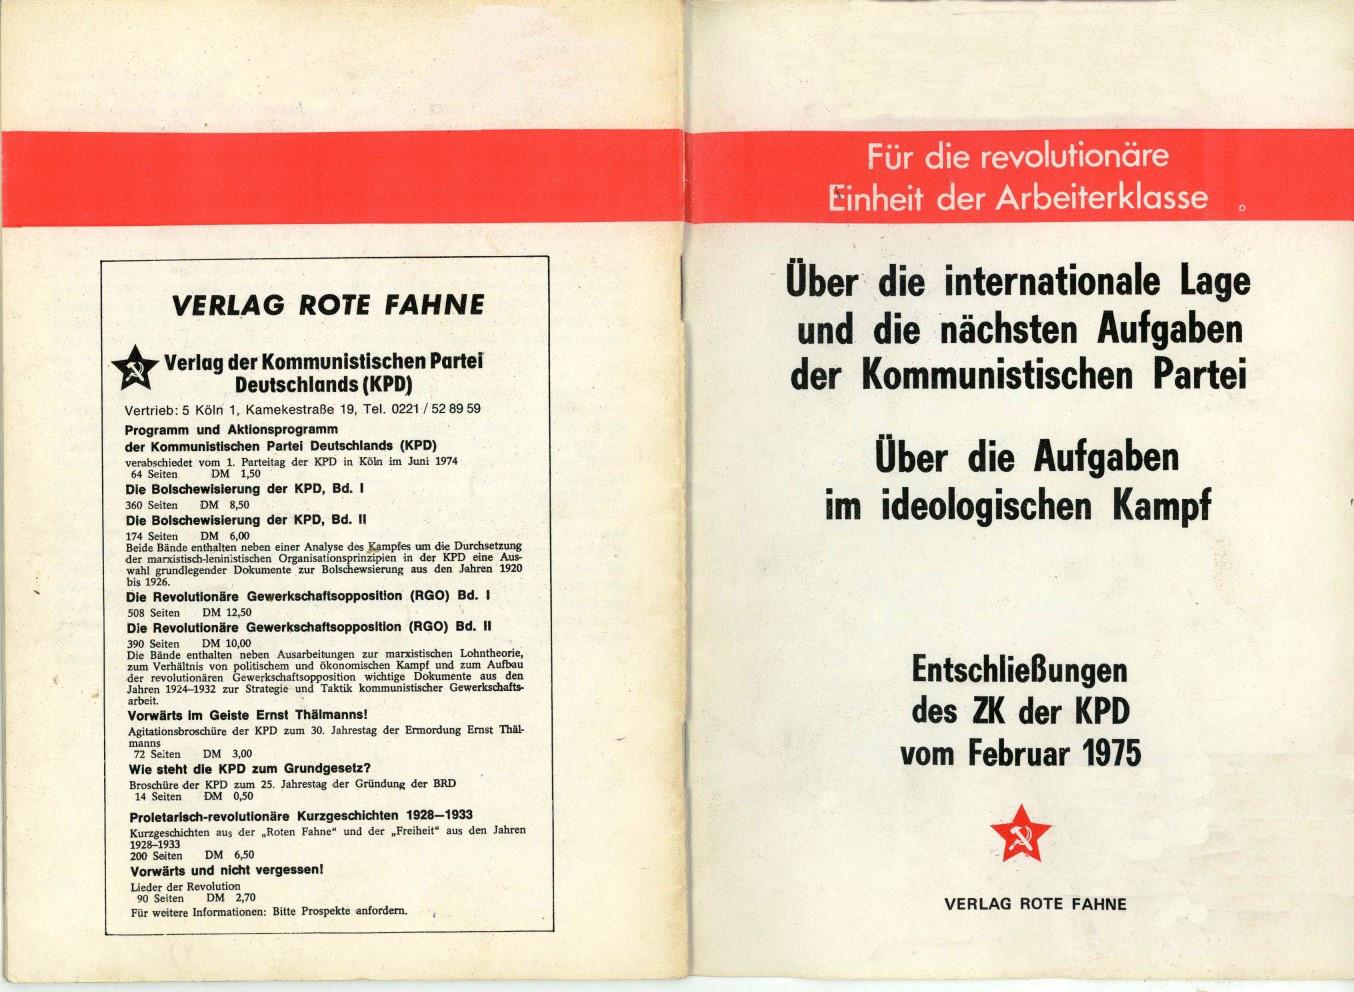 KPD_Entschliessungen_19750200_01